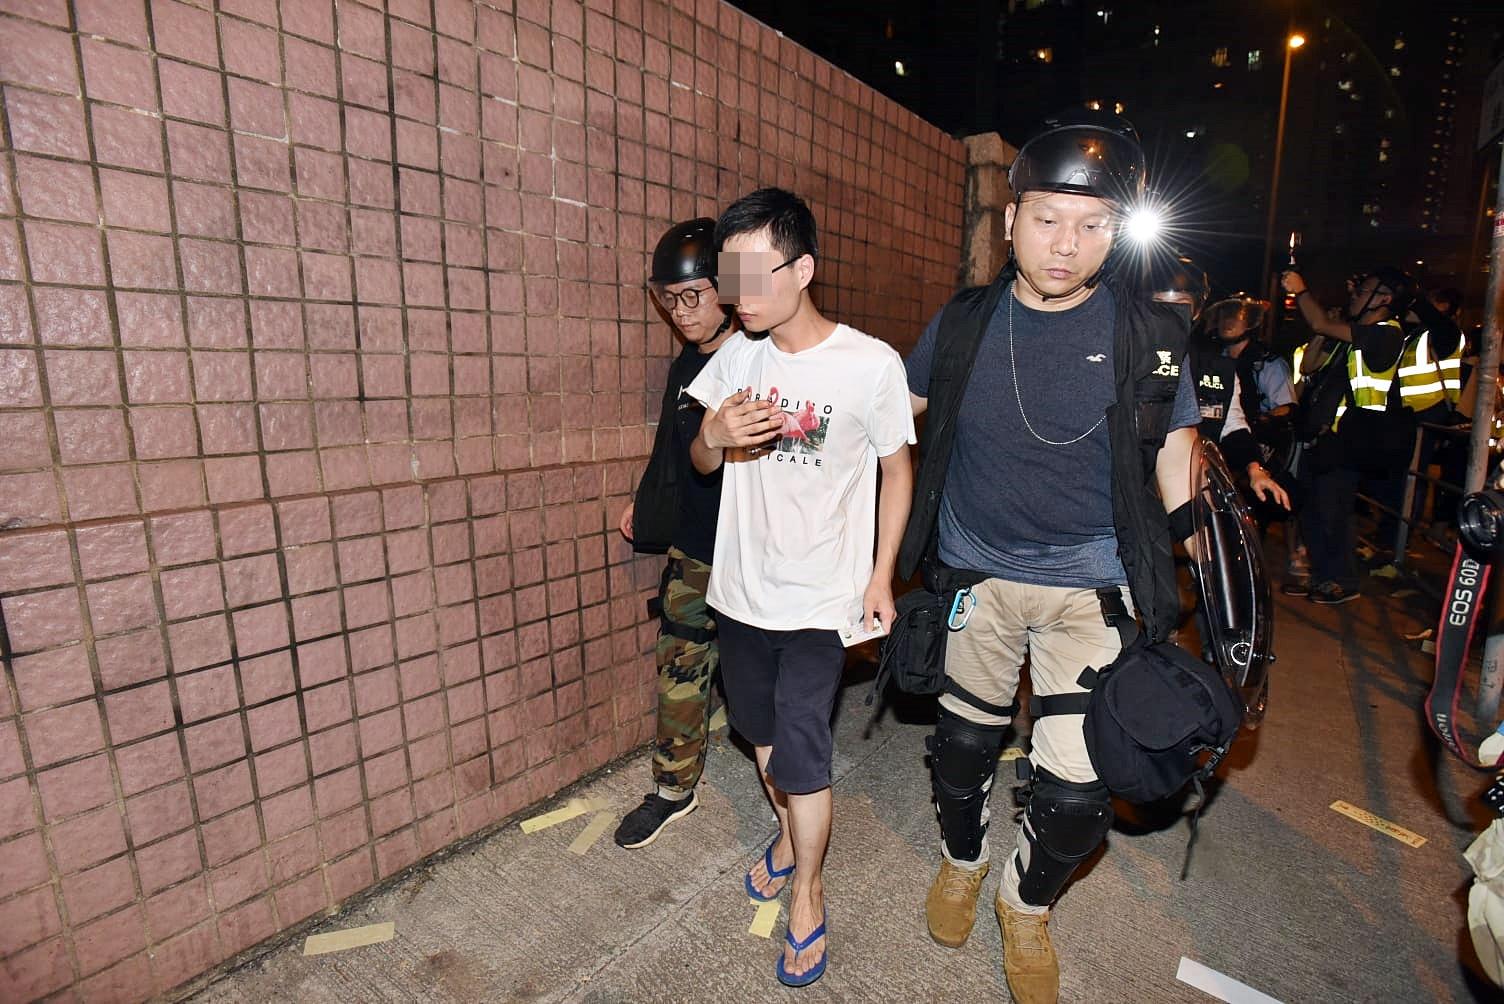 警方在行動中拘捕5名男子。